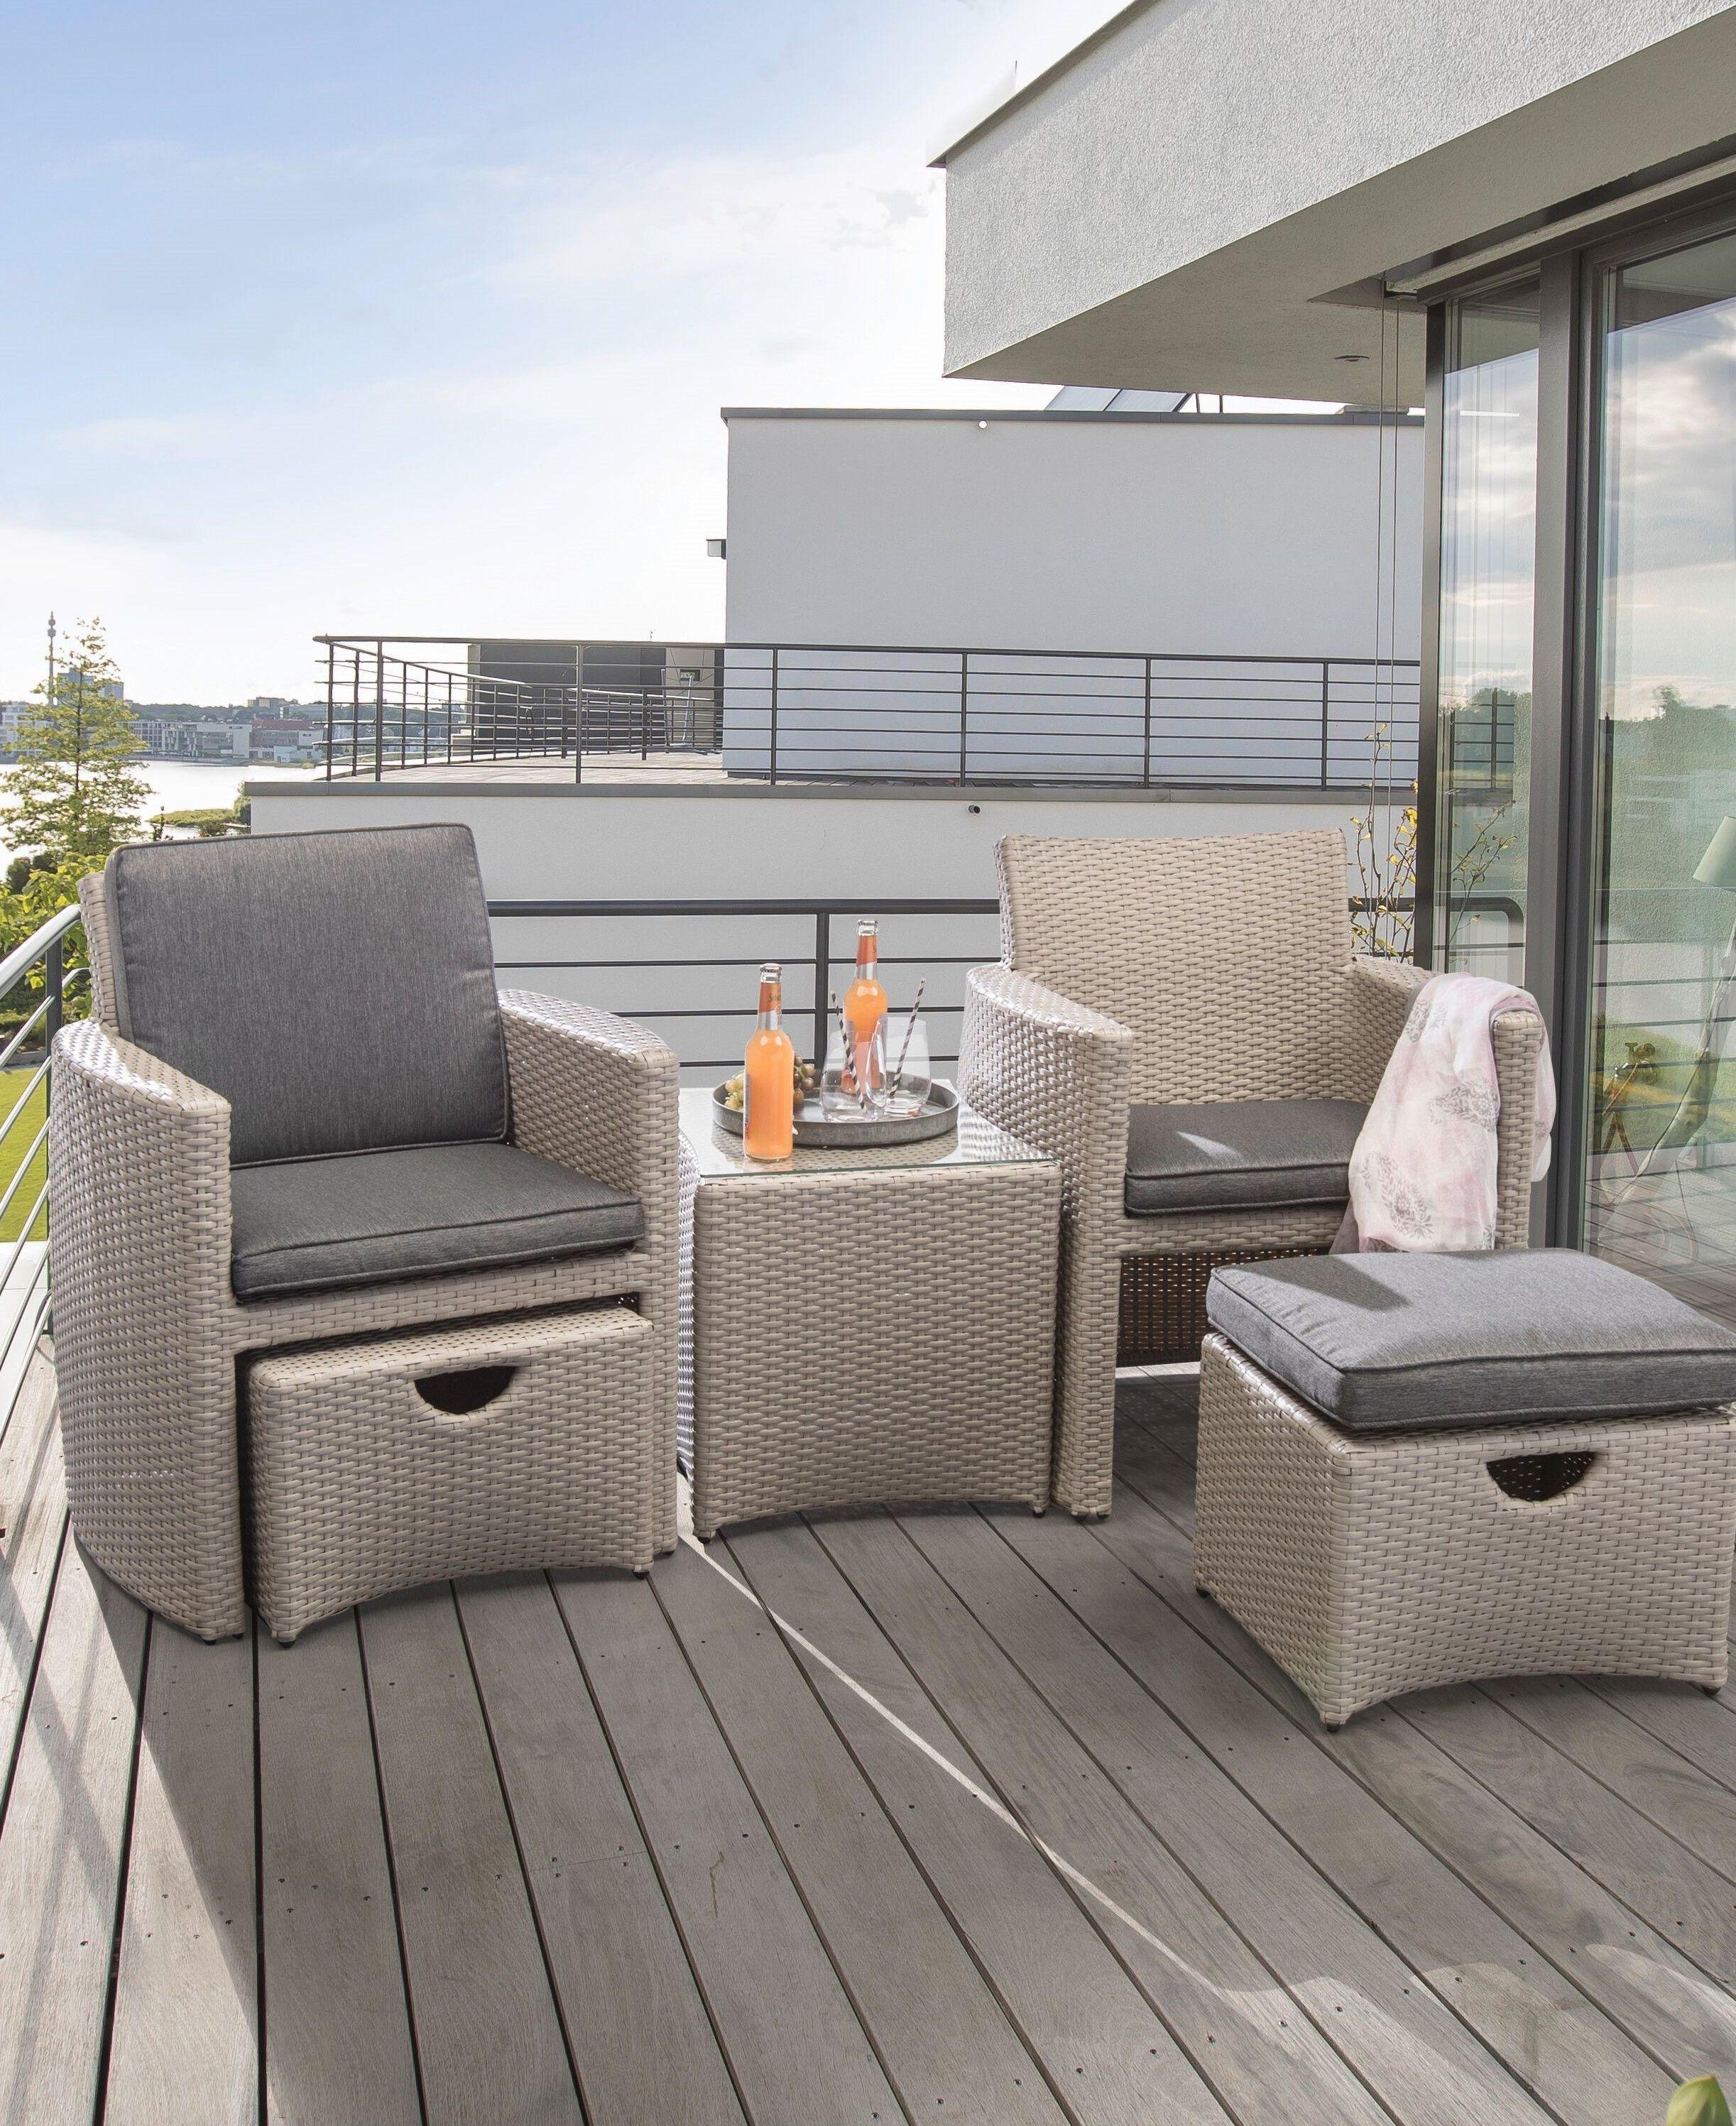 Hochwertige Und Komfortable Balkonmobel Gartenmobel Von Kettler